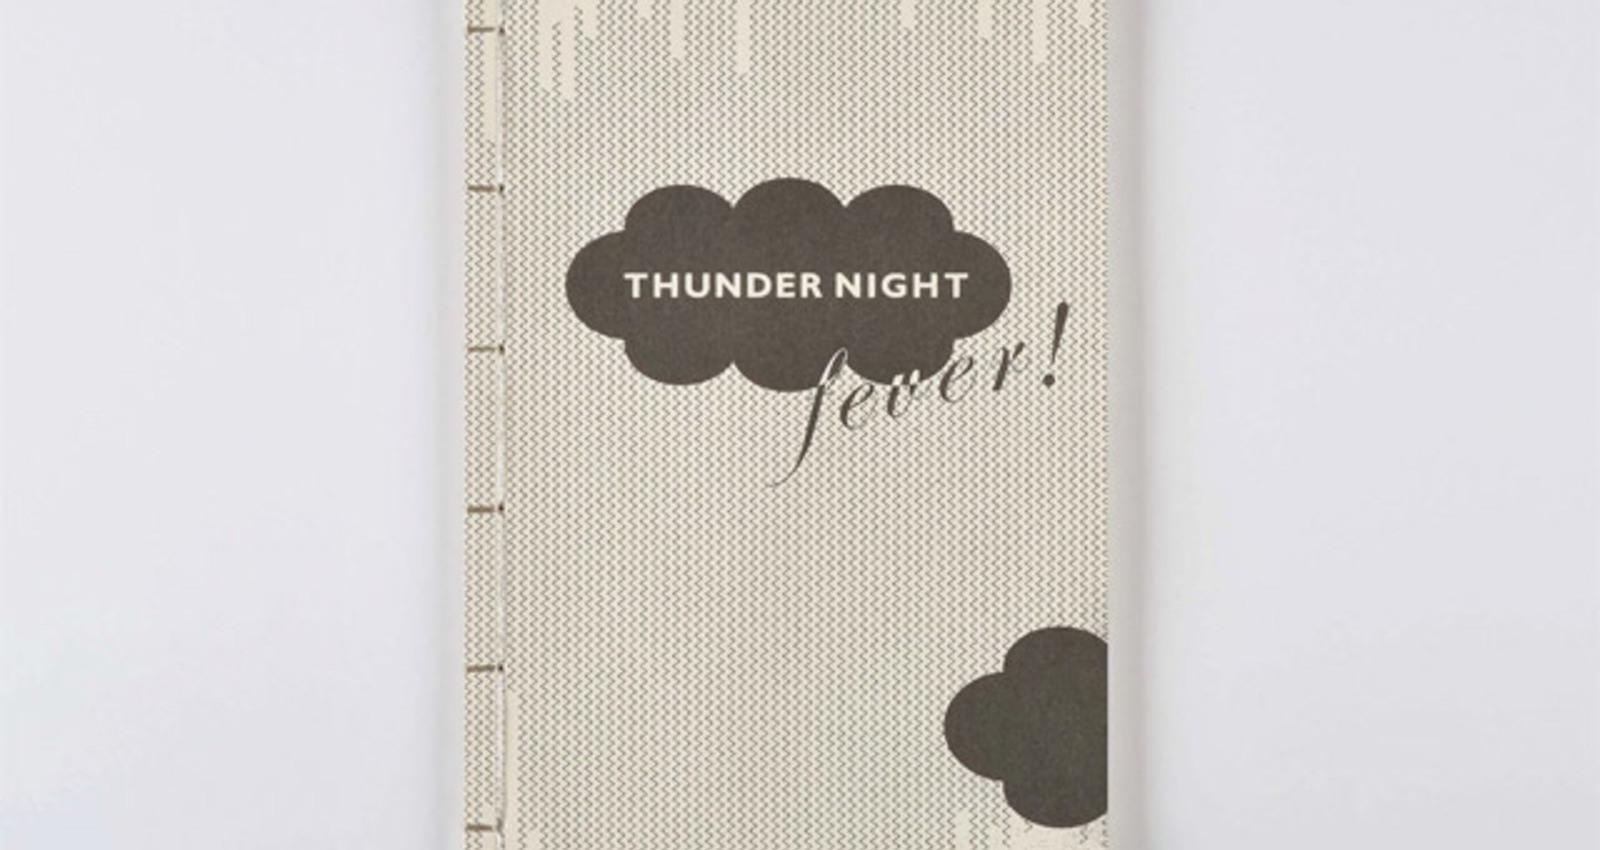 THUNDER NIGHT fever!